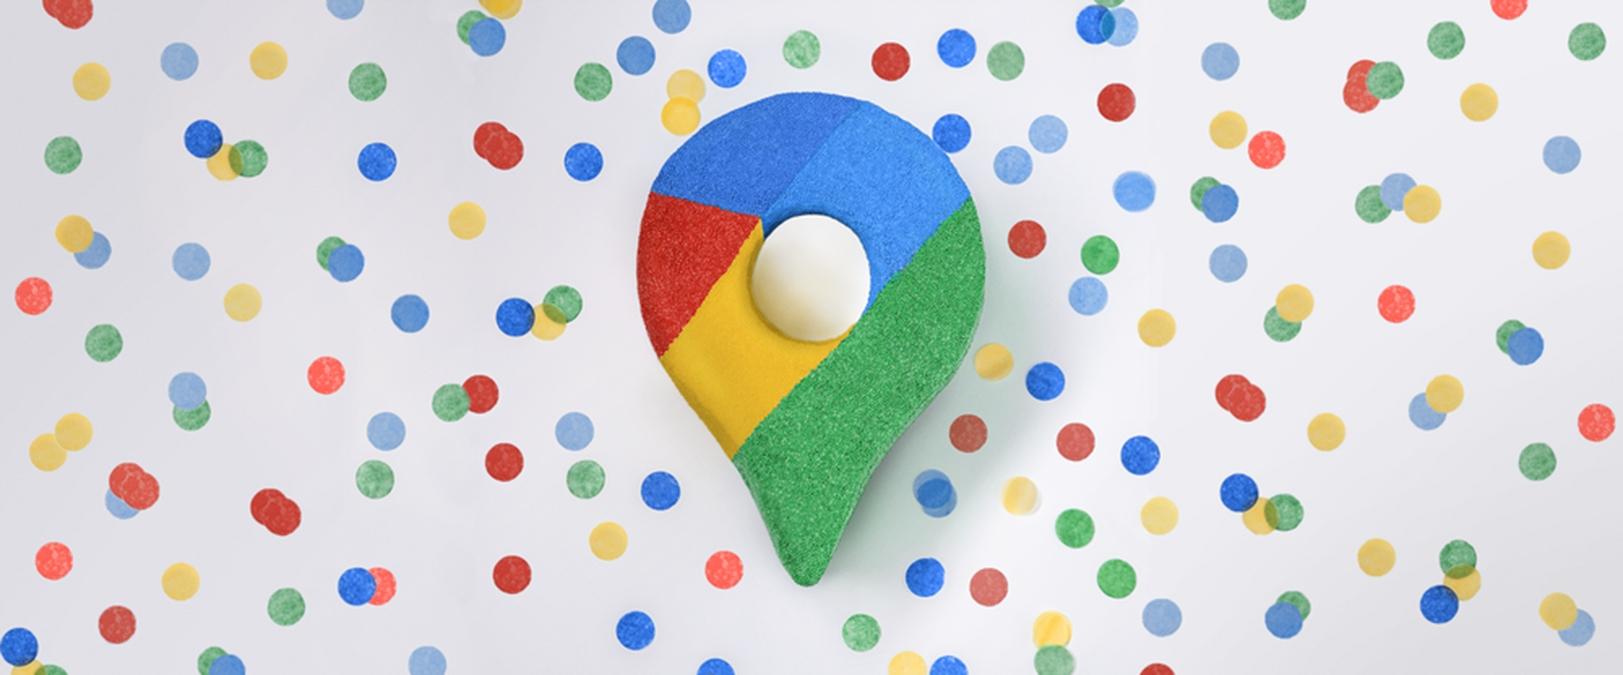 Google Mapy získávají chytrou a užitečnou funkci